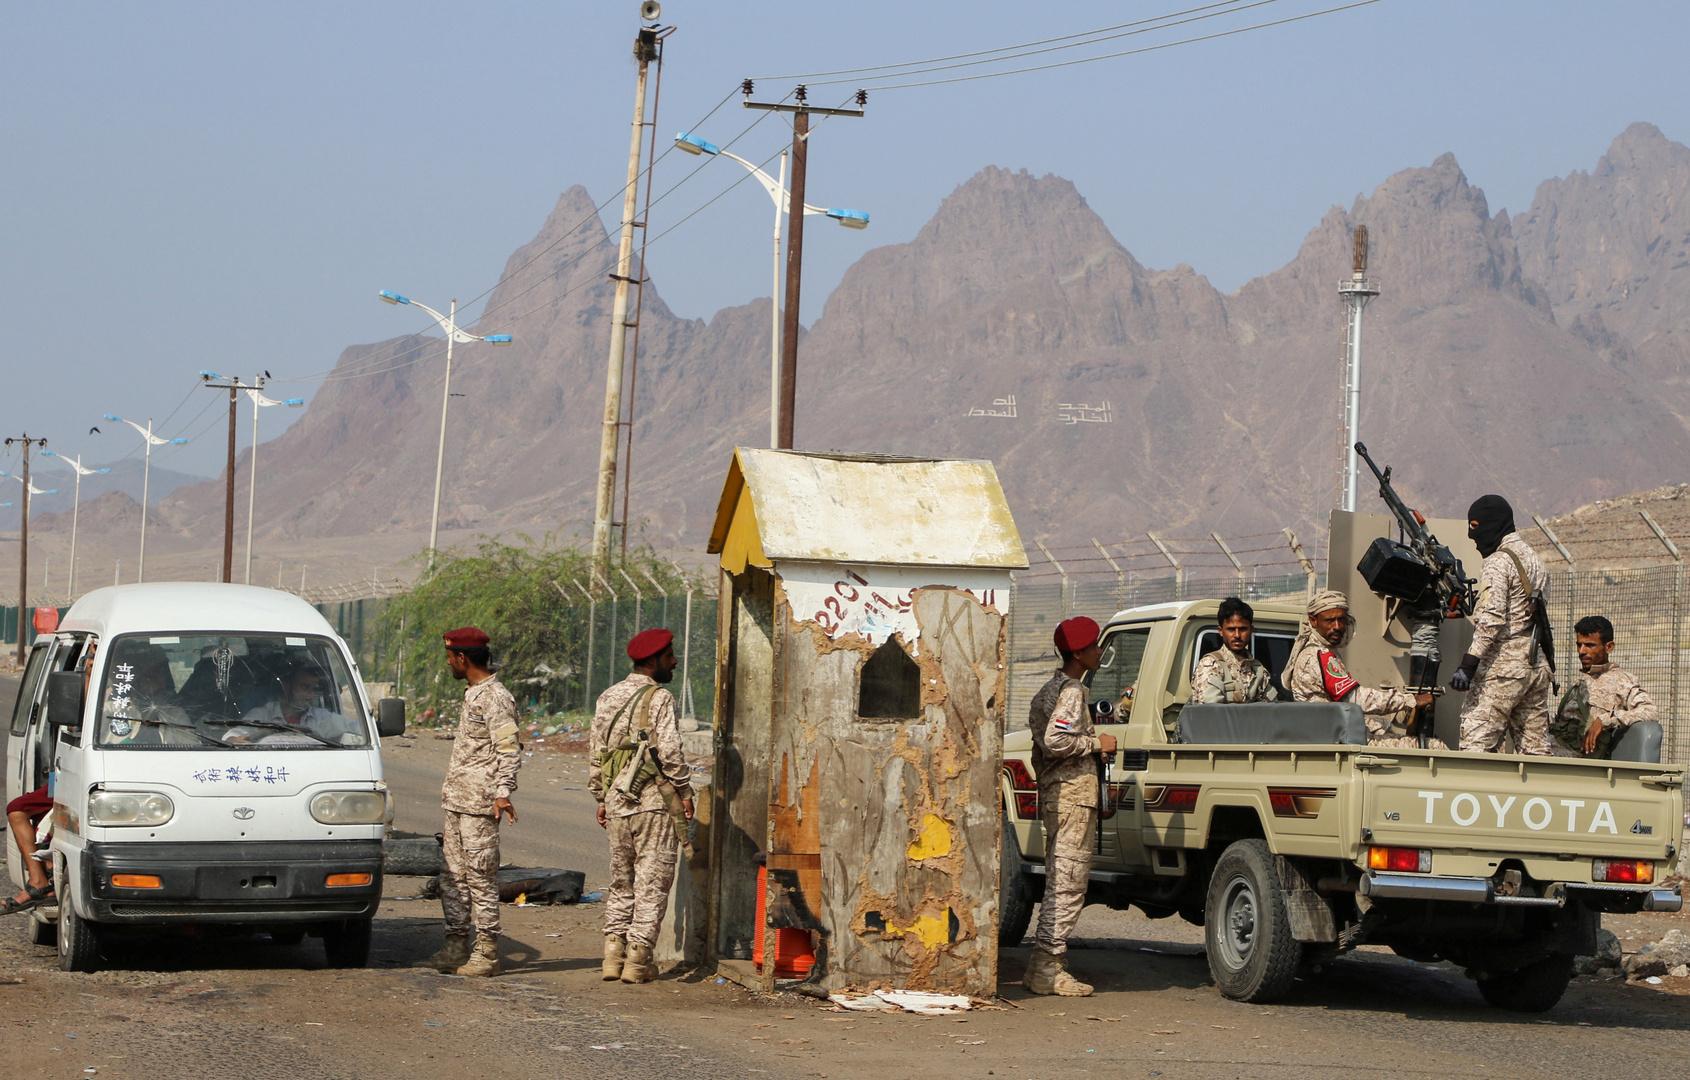 الحكومة اليمنية تندد بأحداث سقطرى وتدعو التحالف العربي للتدخل